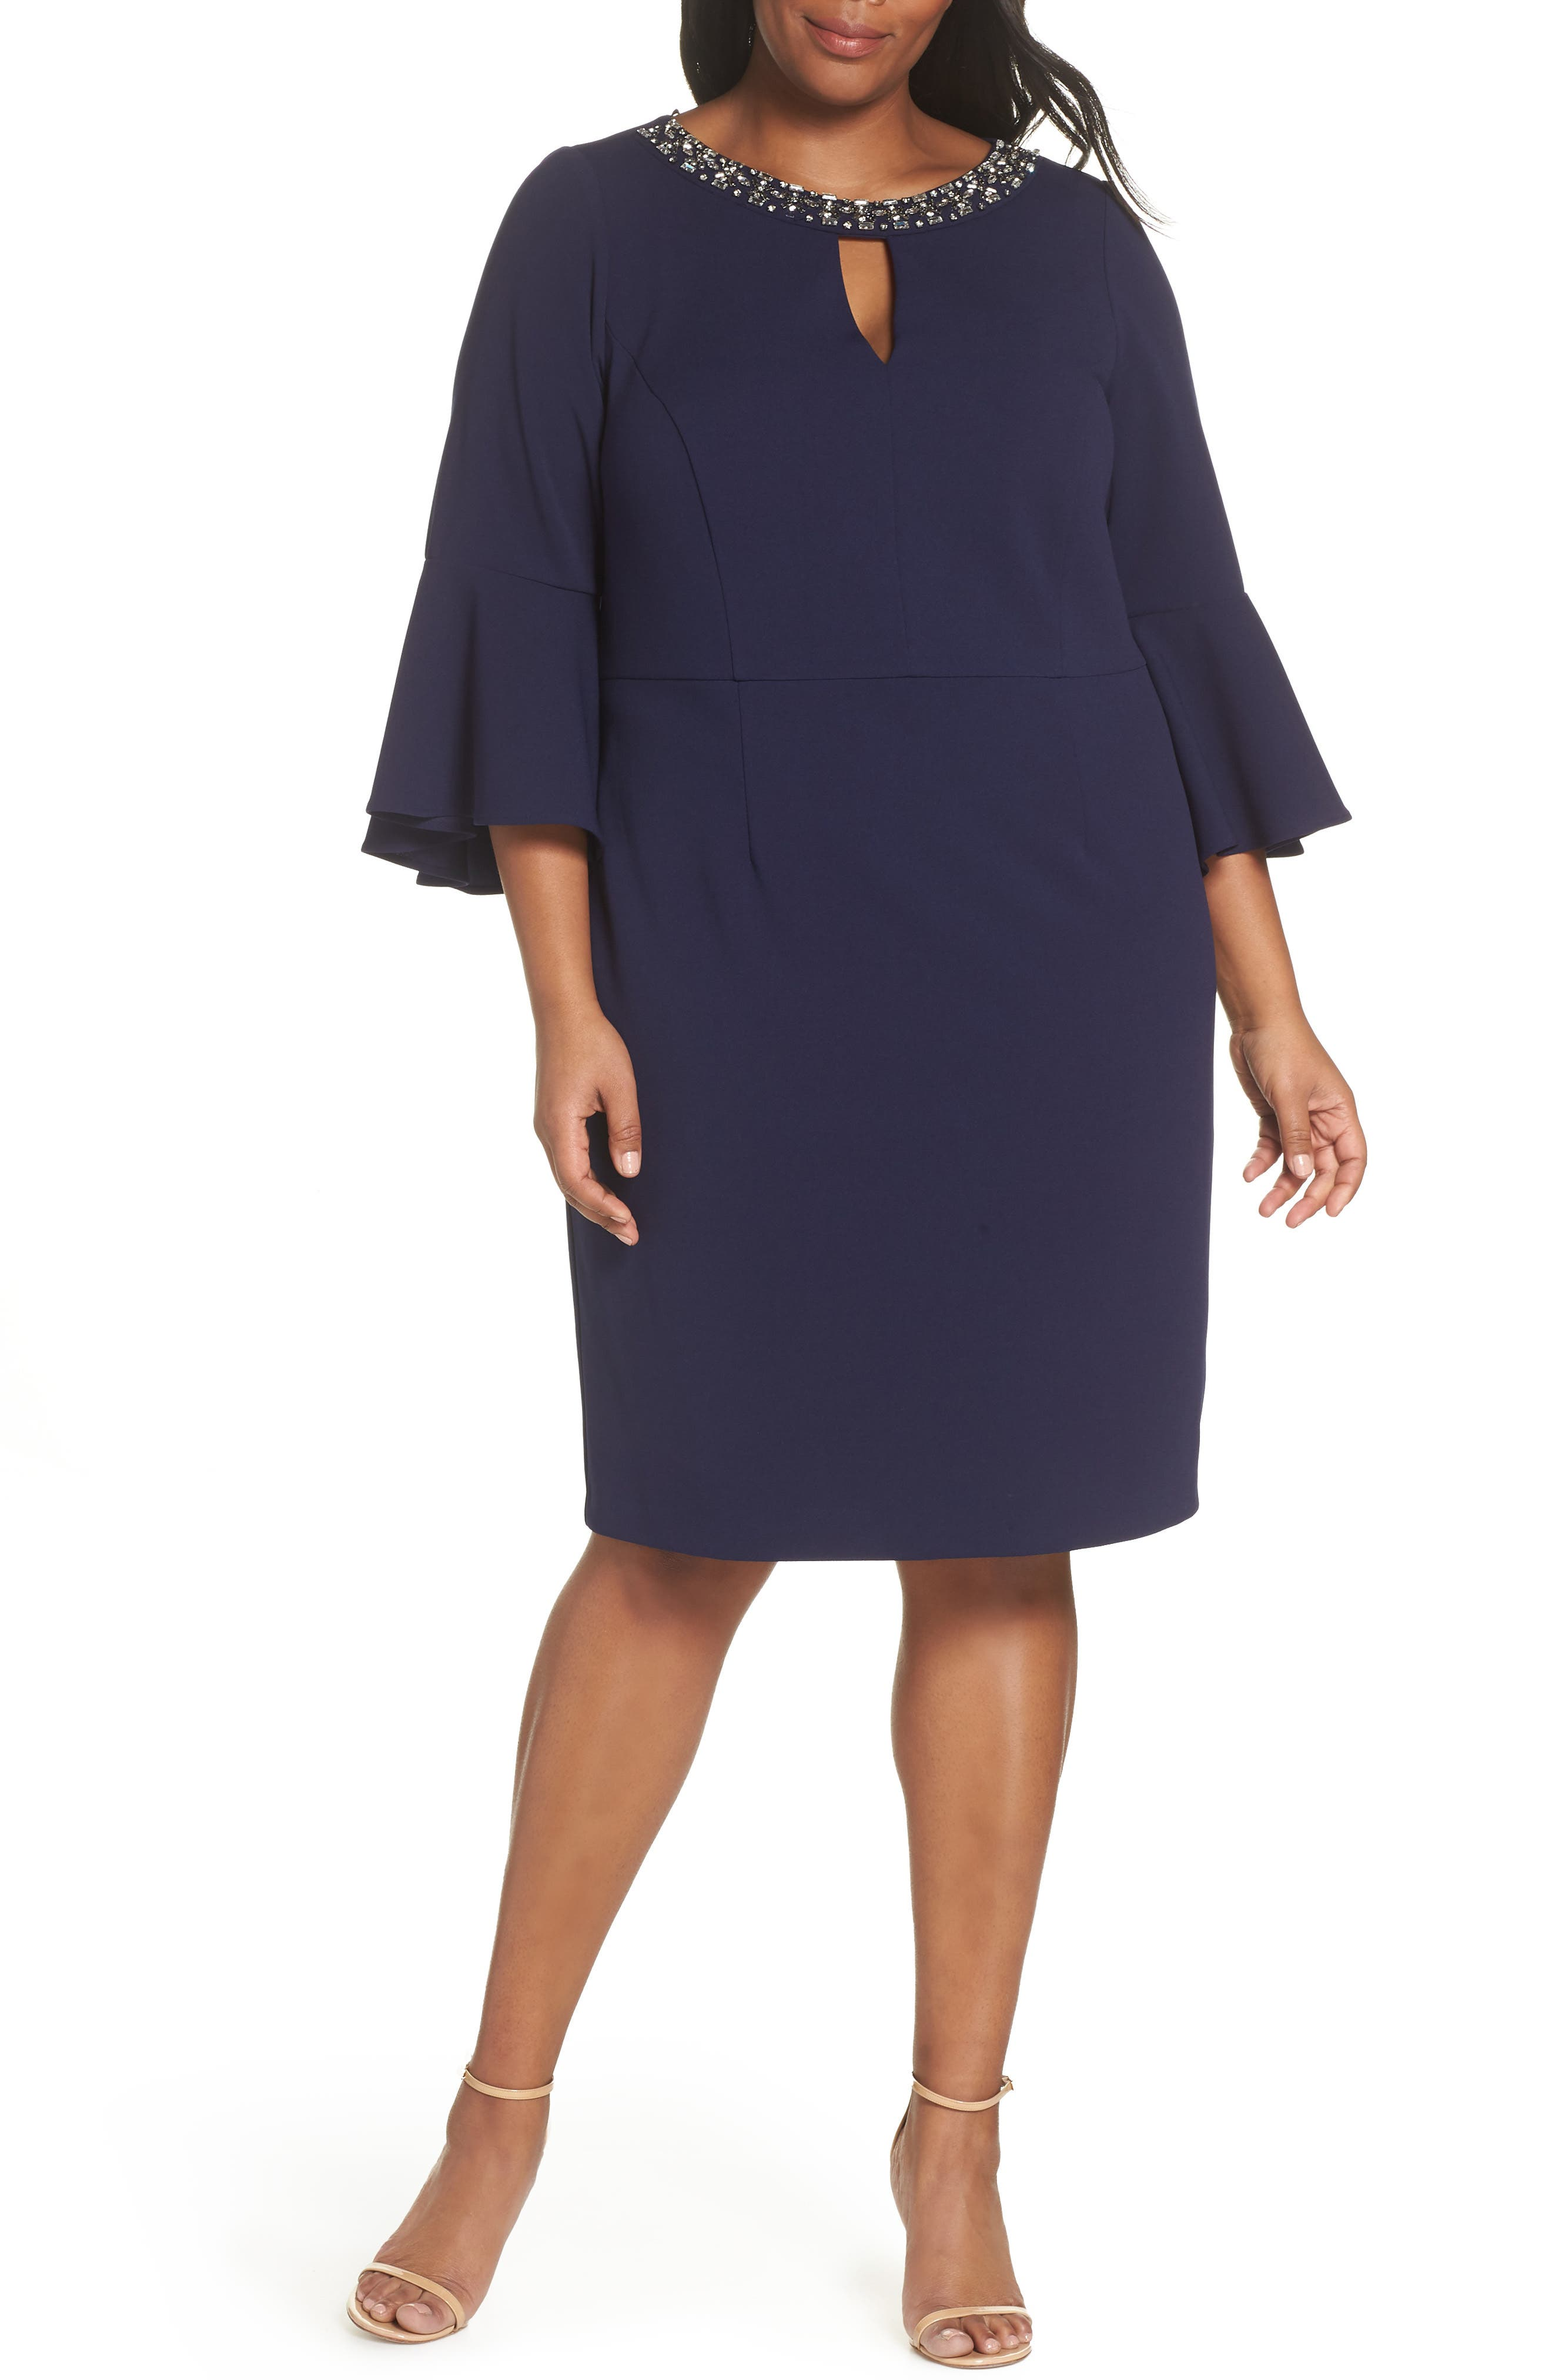 VINCE CAMUTO Embellished Neck Sheath Dress, Main, color, NAVY